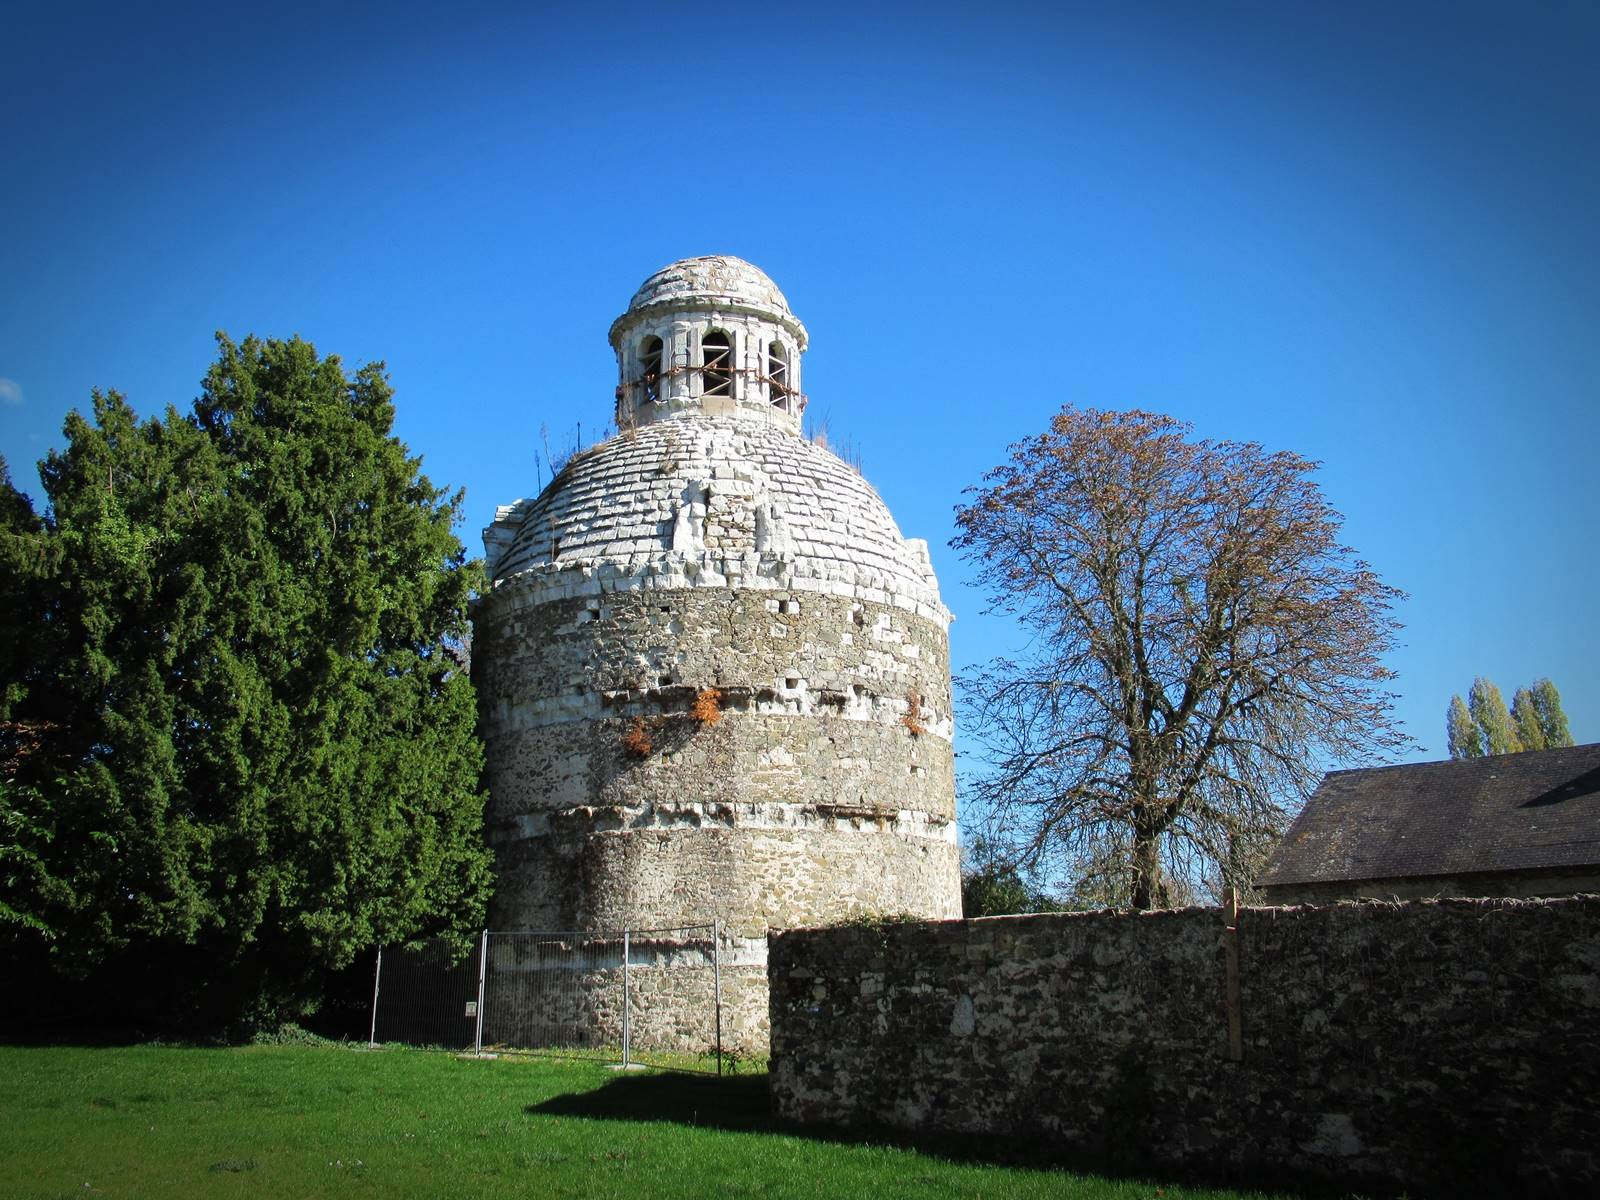 Chateau de serrant modifiee 12